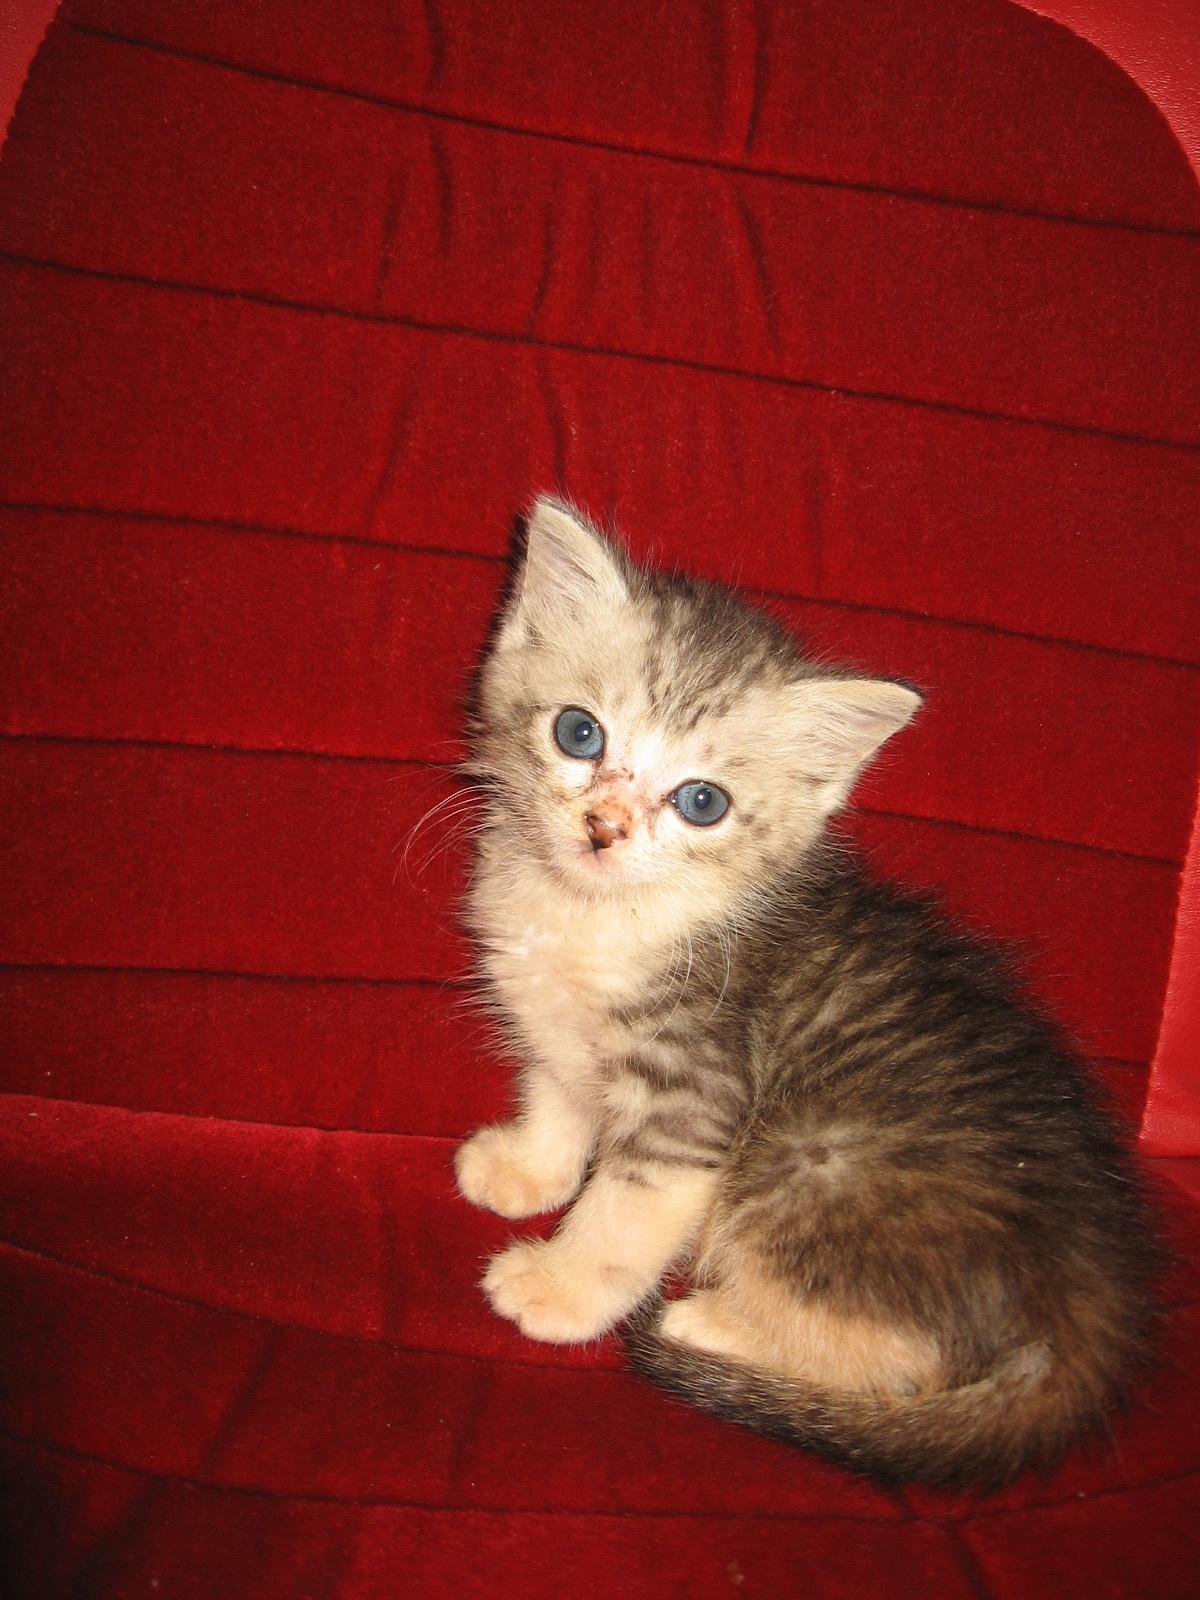 foto de gatinha